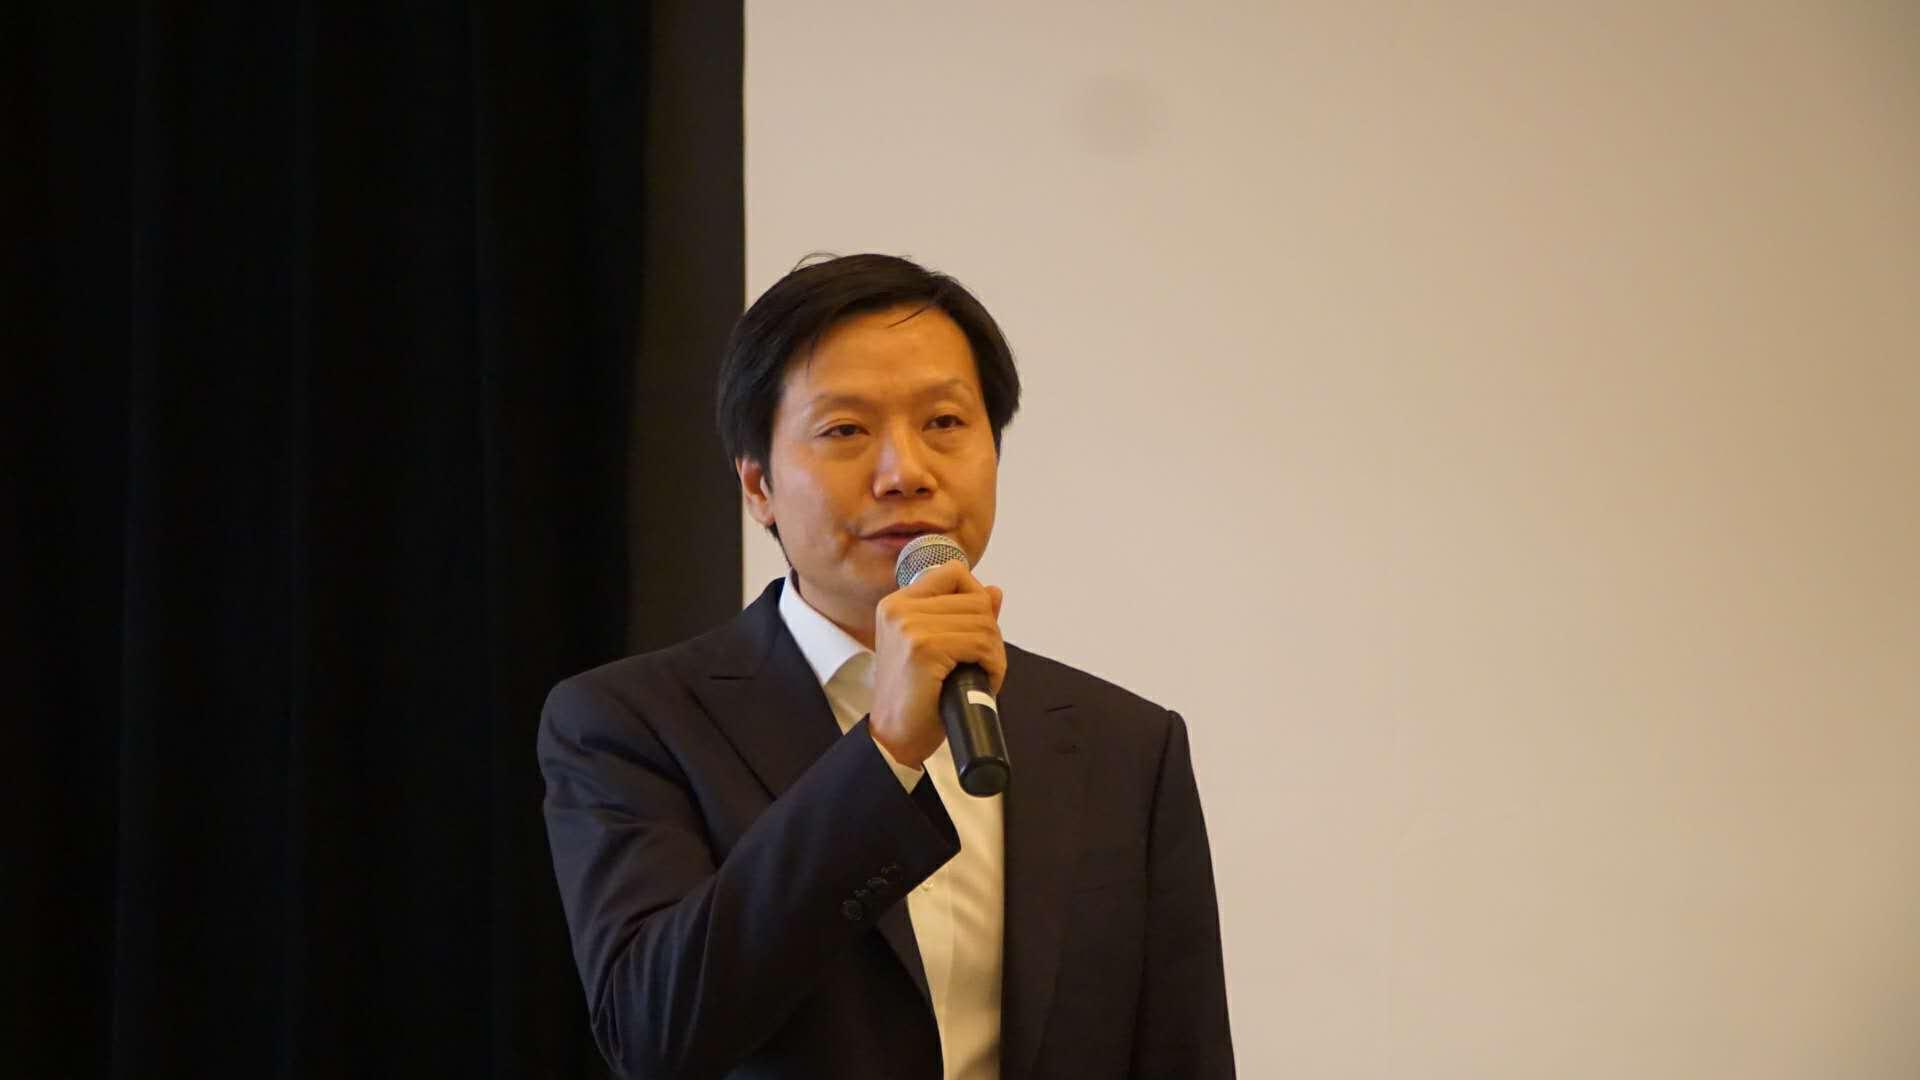 雷军:小米有意进军美国市场 暂不评论IPO计划